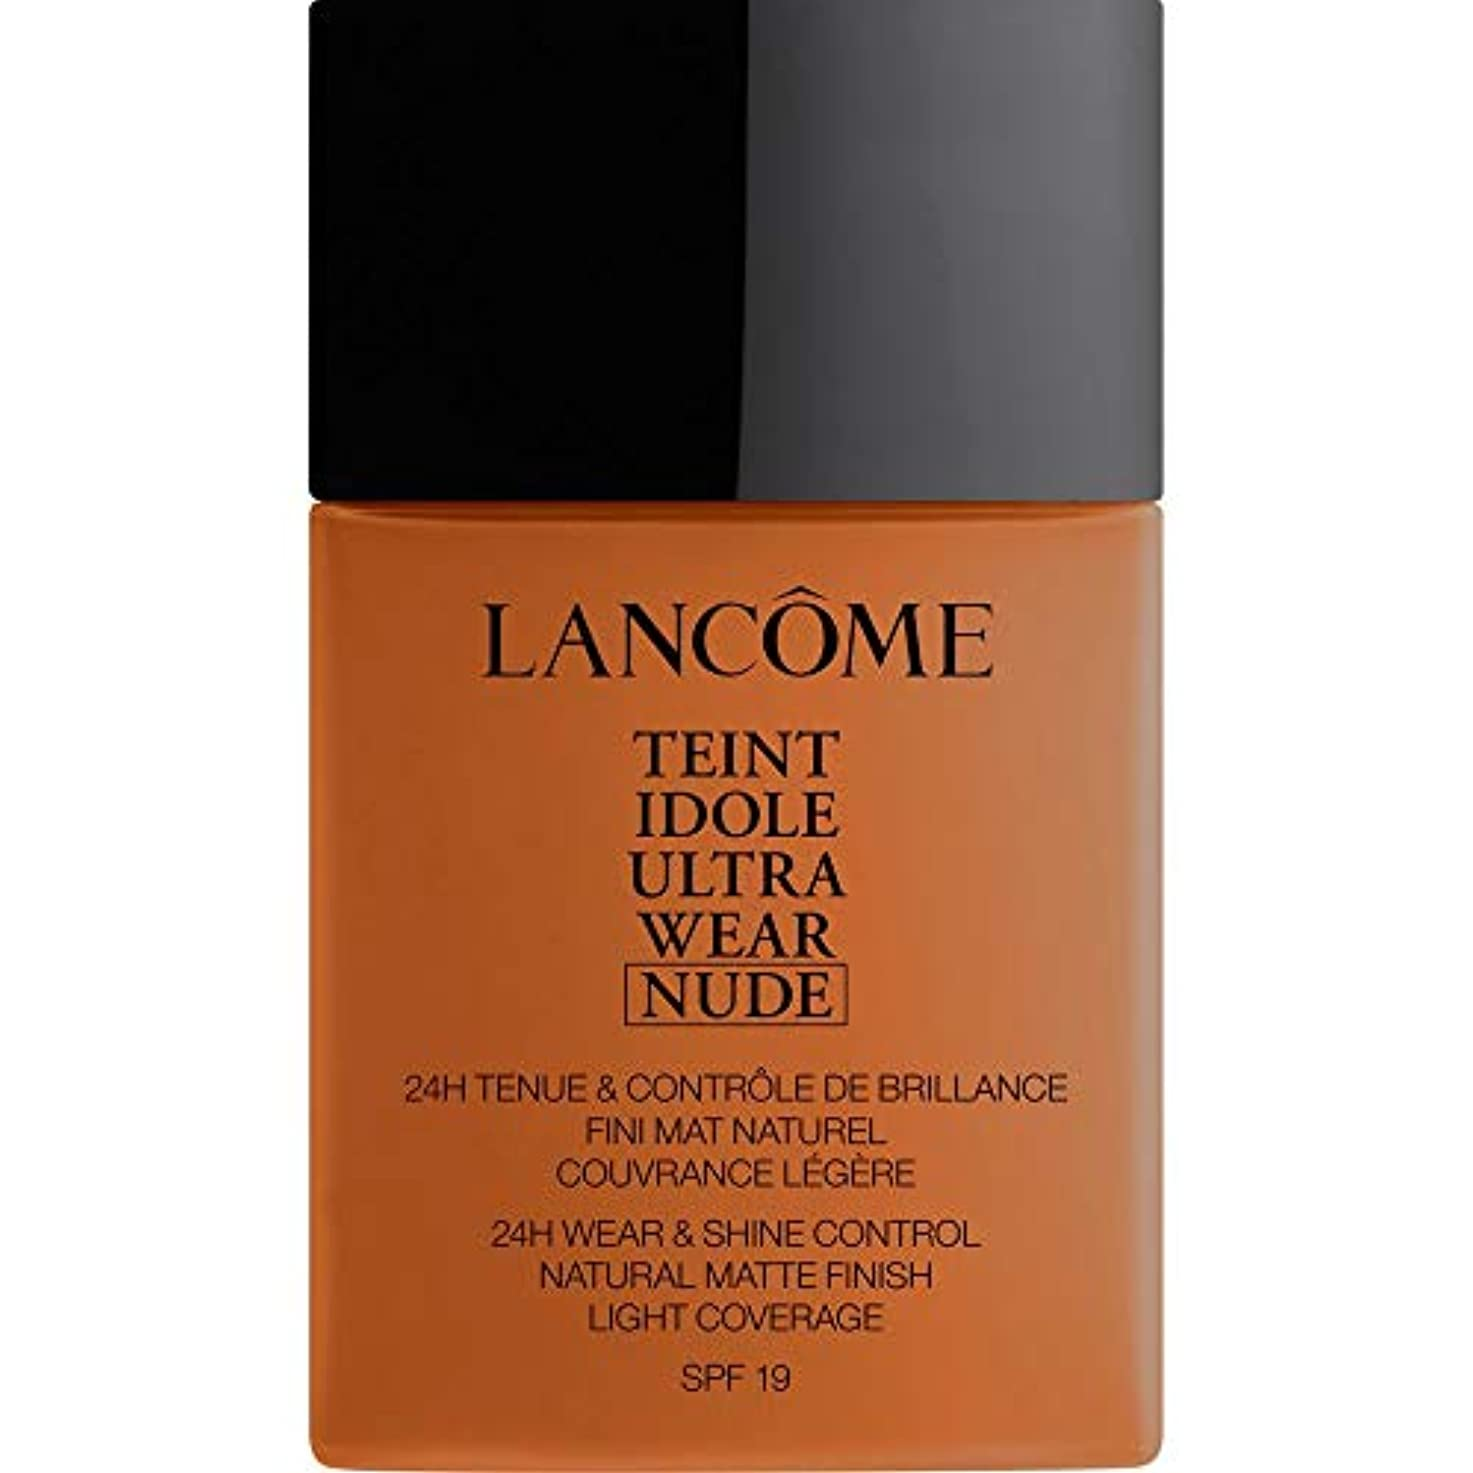 パキスタンシャーロックホームズ衝撃[Lanc?me ] ランコムTeintのIdole超摩耗ヌード財団Spf19の40ミリリットル11 - Muscade - Lancome Teint Idole Ultra Wear Nude Foundation...